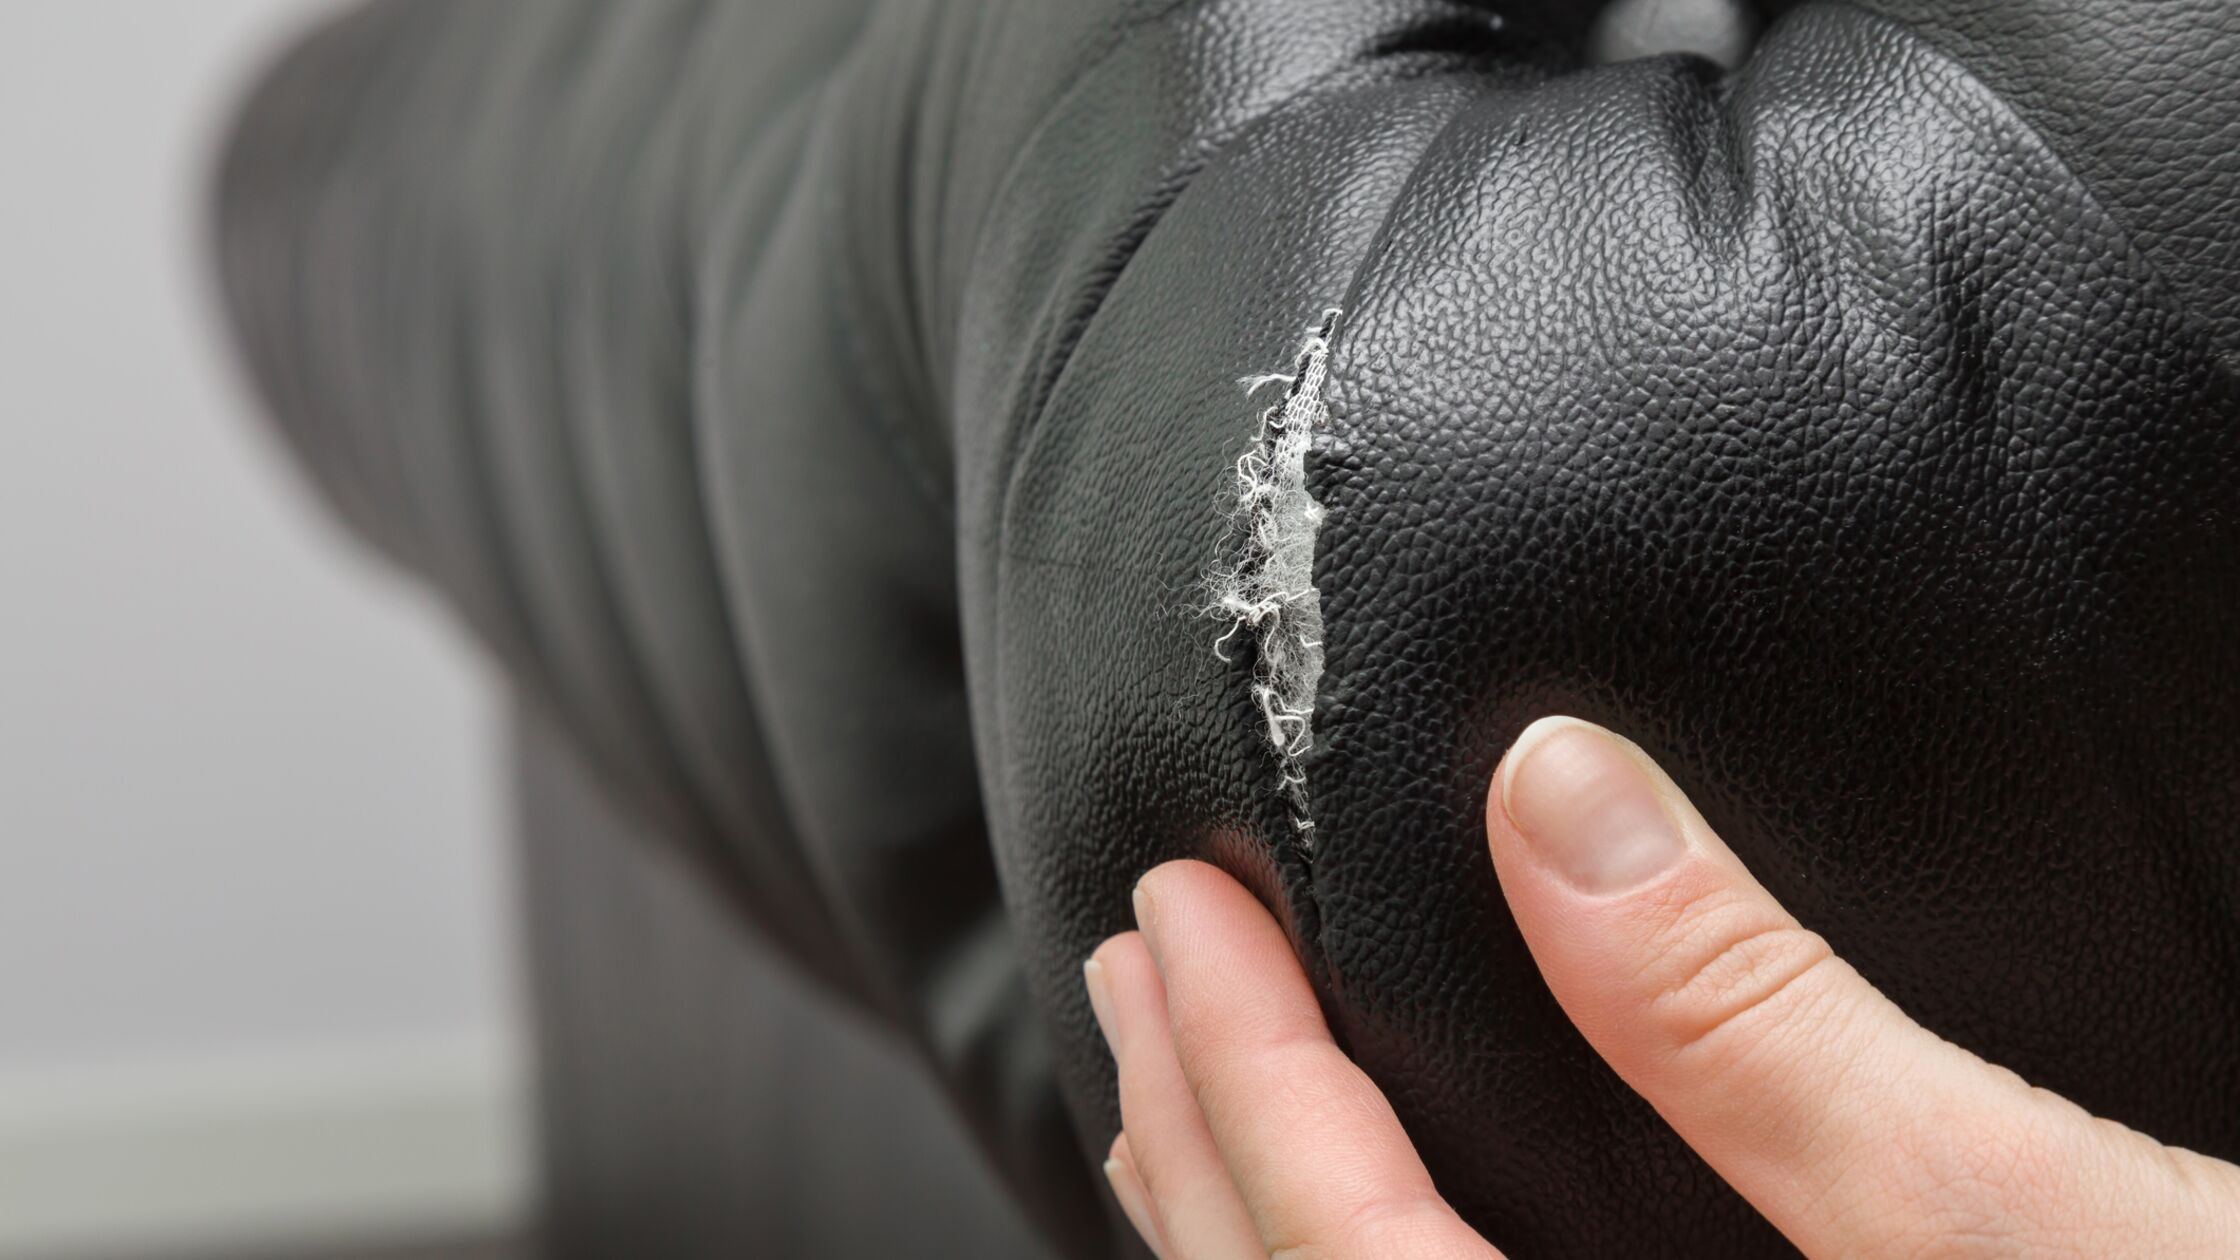 Hand deutet auf Riss an einem schwarzen Ledersofa